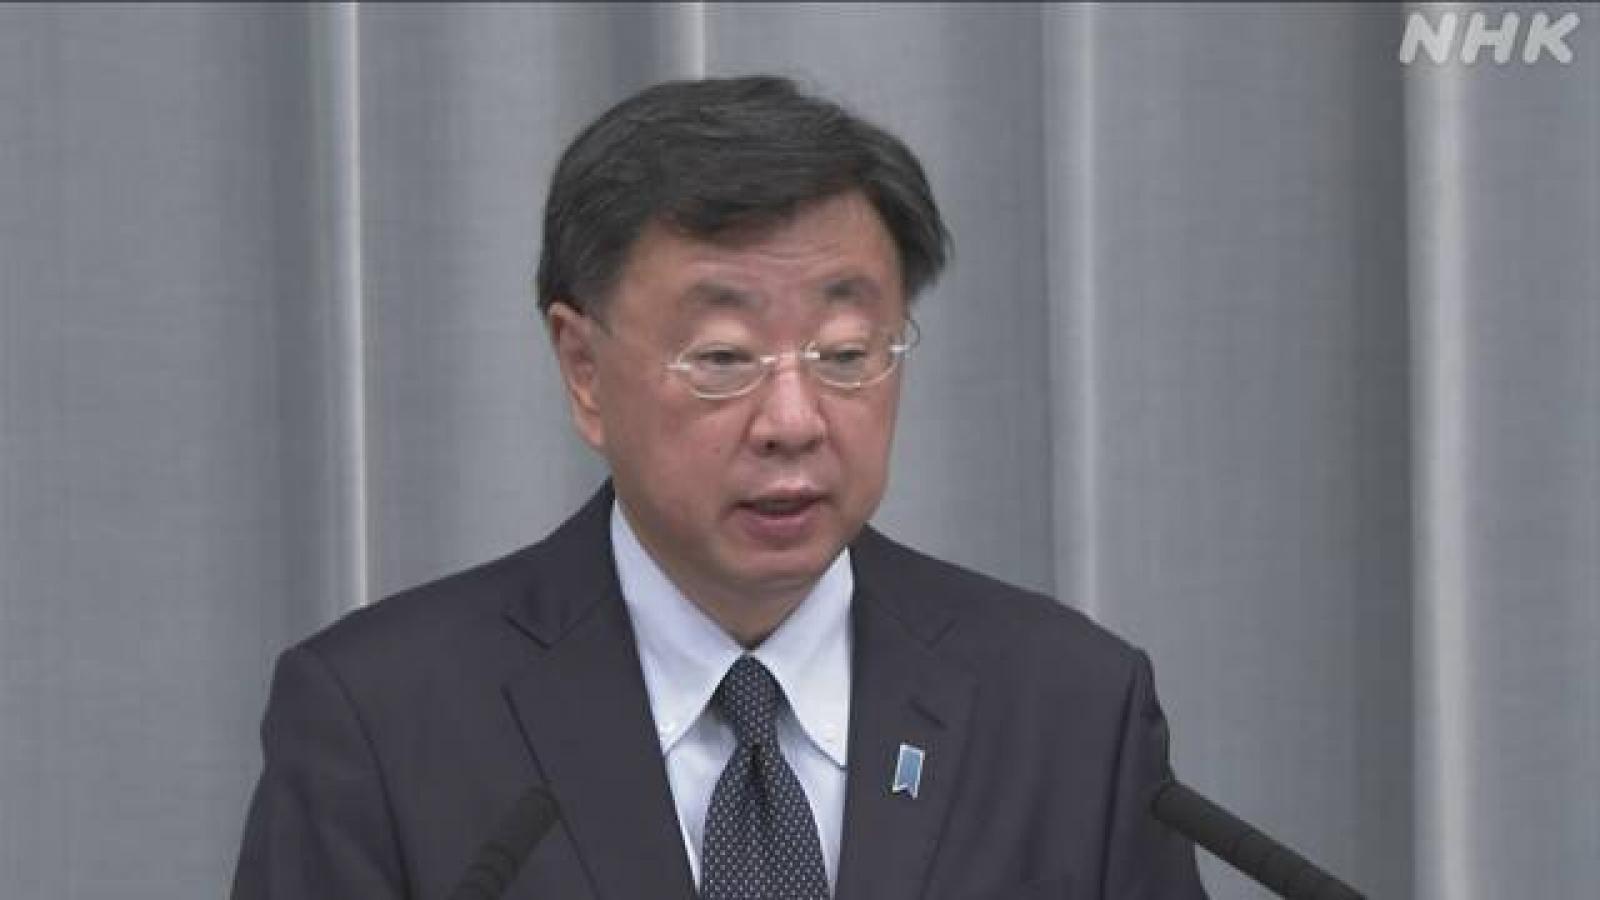 Nhật Bản lo ngại Trung Quốc tăng cường năng lực quân sự